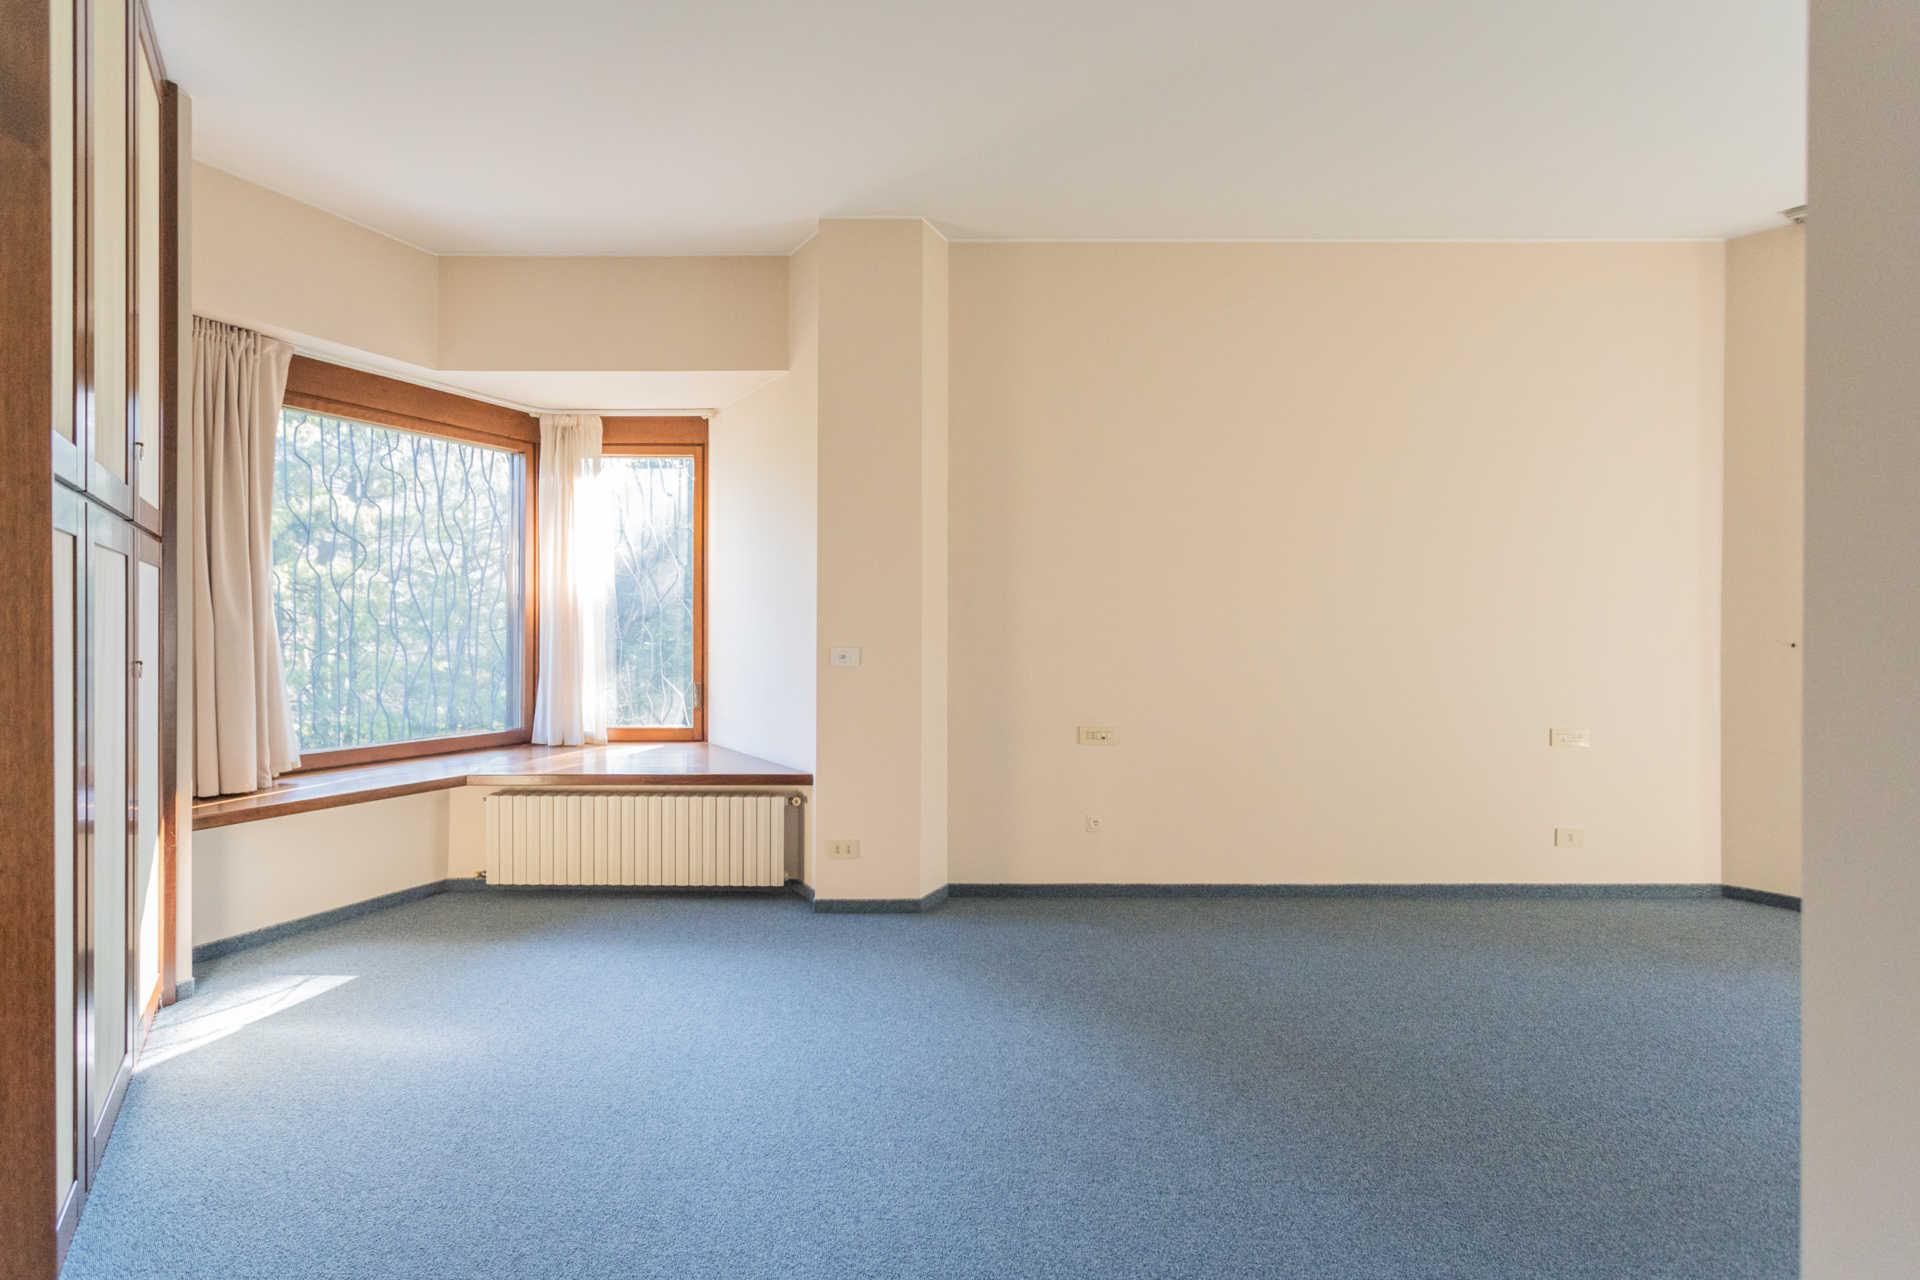 Villa-singola-Carate-Brianza-in-vendita (34)